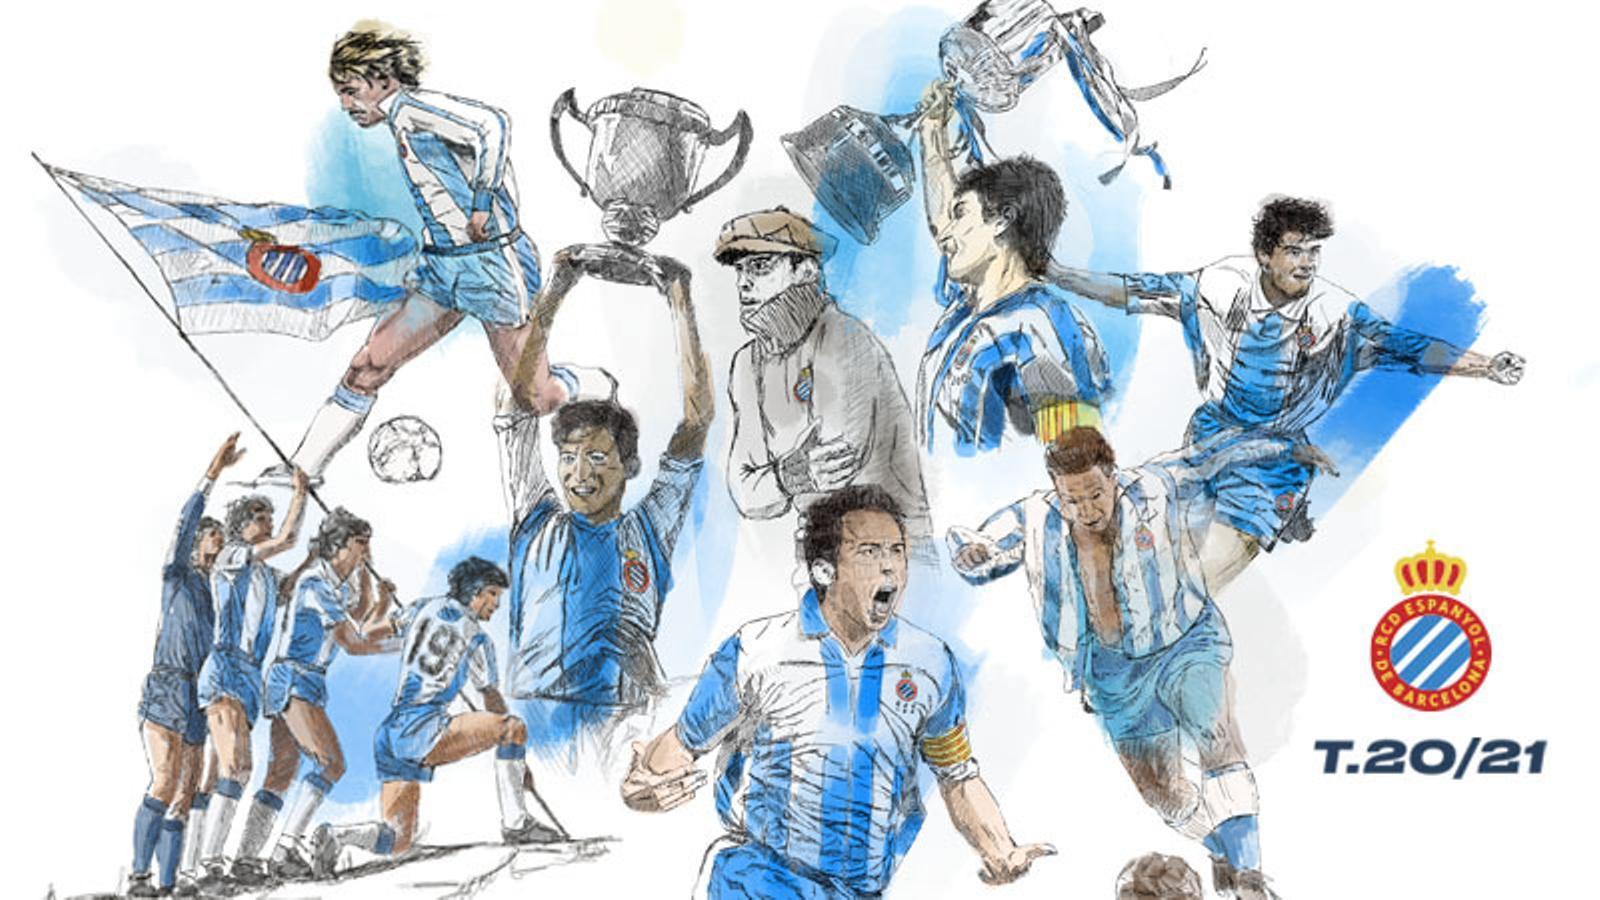 Els carnets d'abonaments 2020-21 de l'Espanyol inclouran imatges dels 120 anys d'història del club